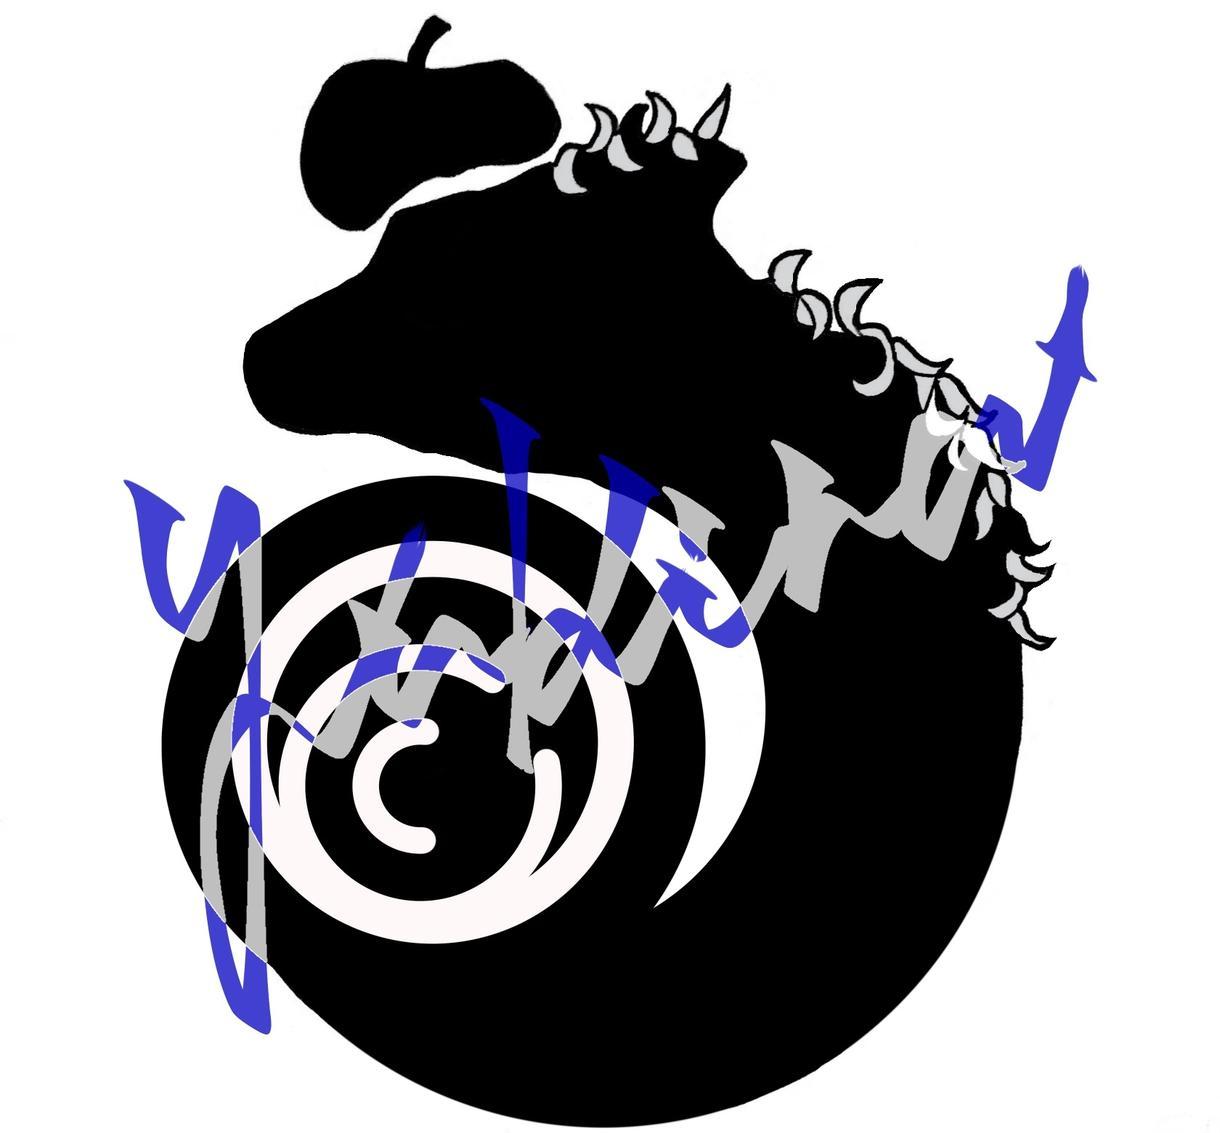 ロゴを作成します かっこいいロゴを作成いたします イメージ1